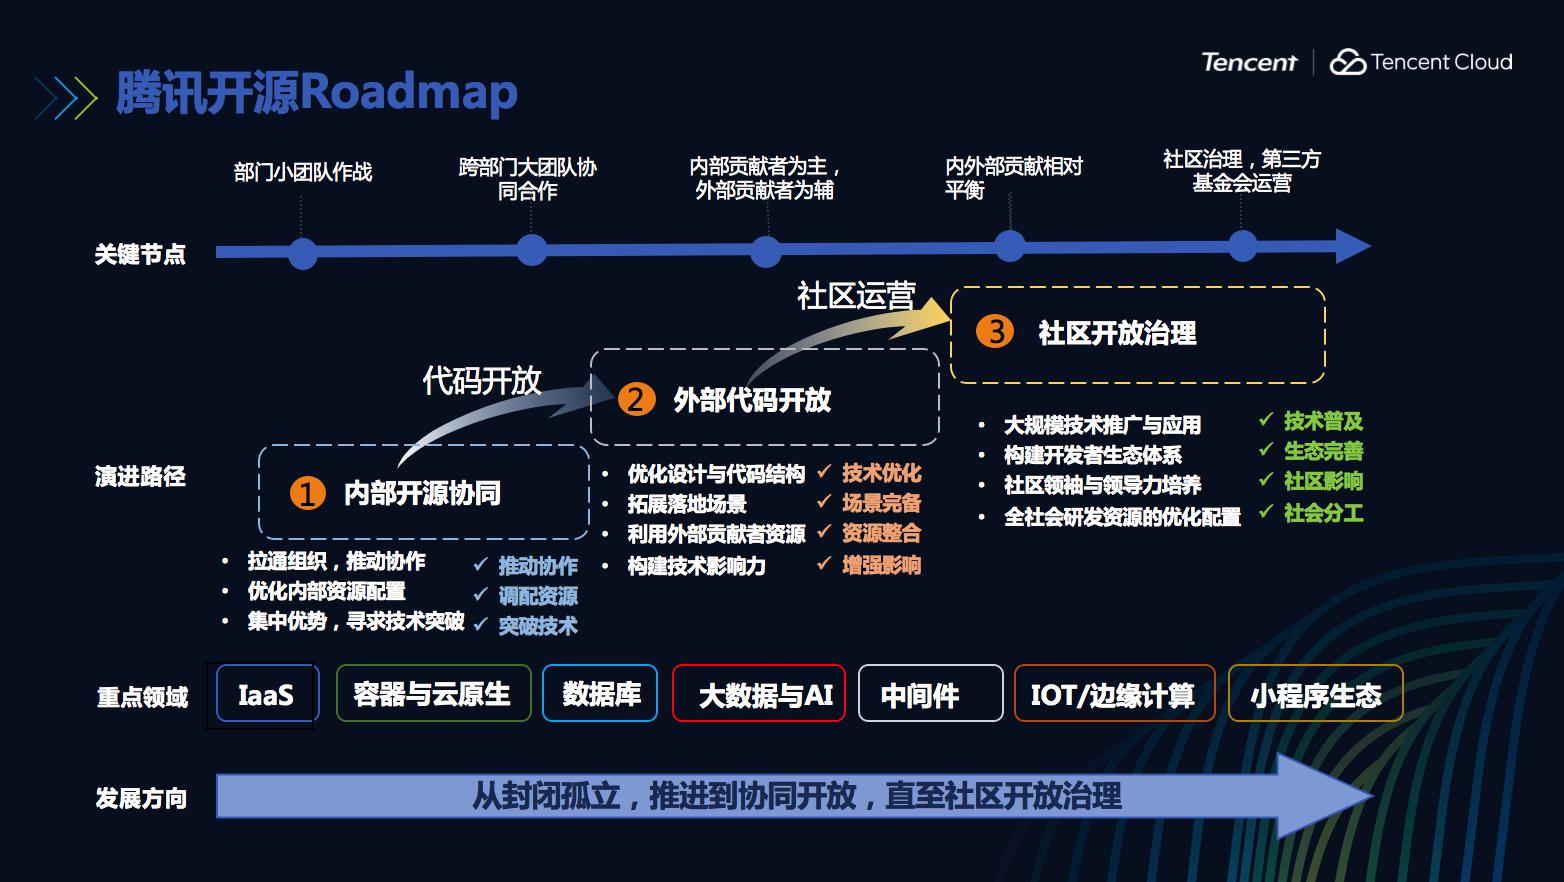 20190705-腾讯开源路线图-堵俊平.PNG